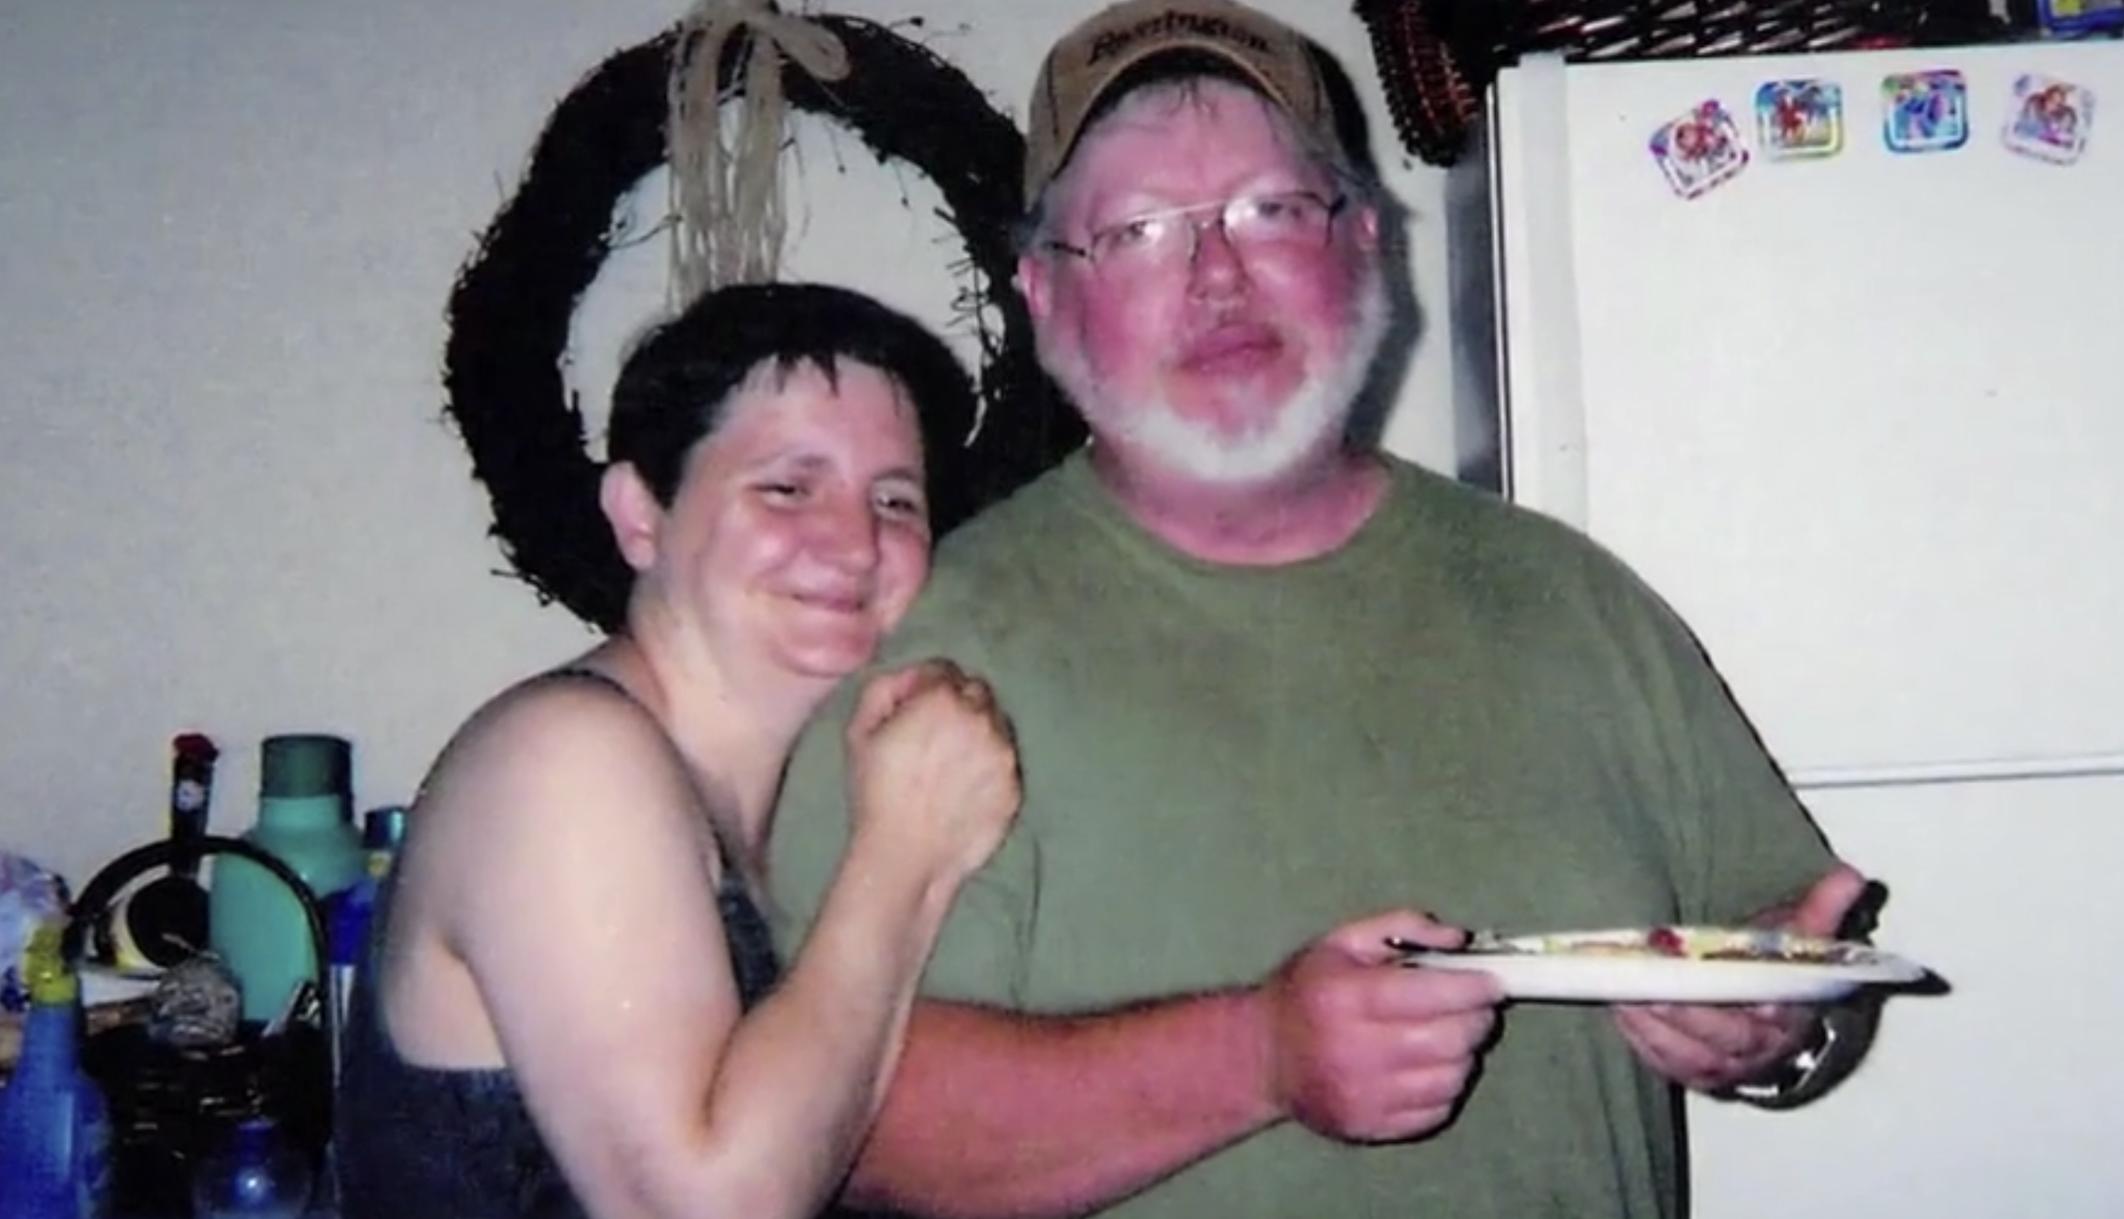 L'home assassina violentament els pares pel seu pagament de l'assegurança de vida de 240.000 dòlars